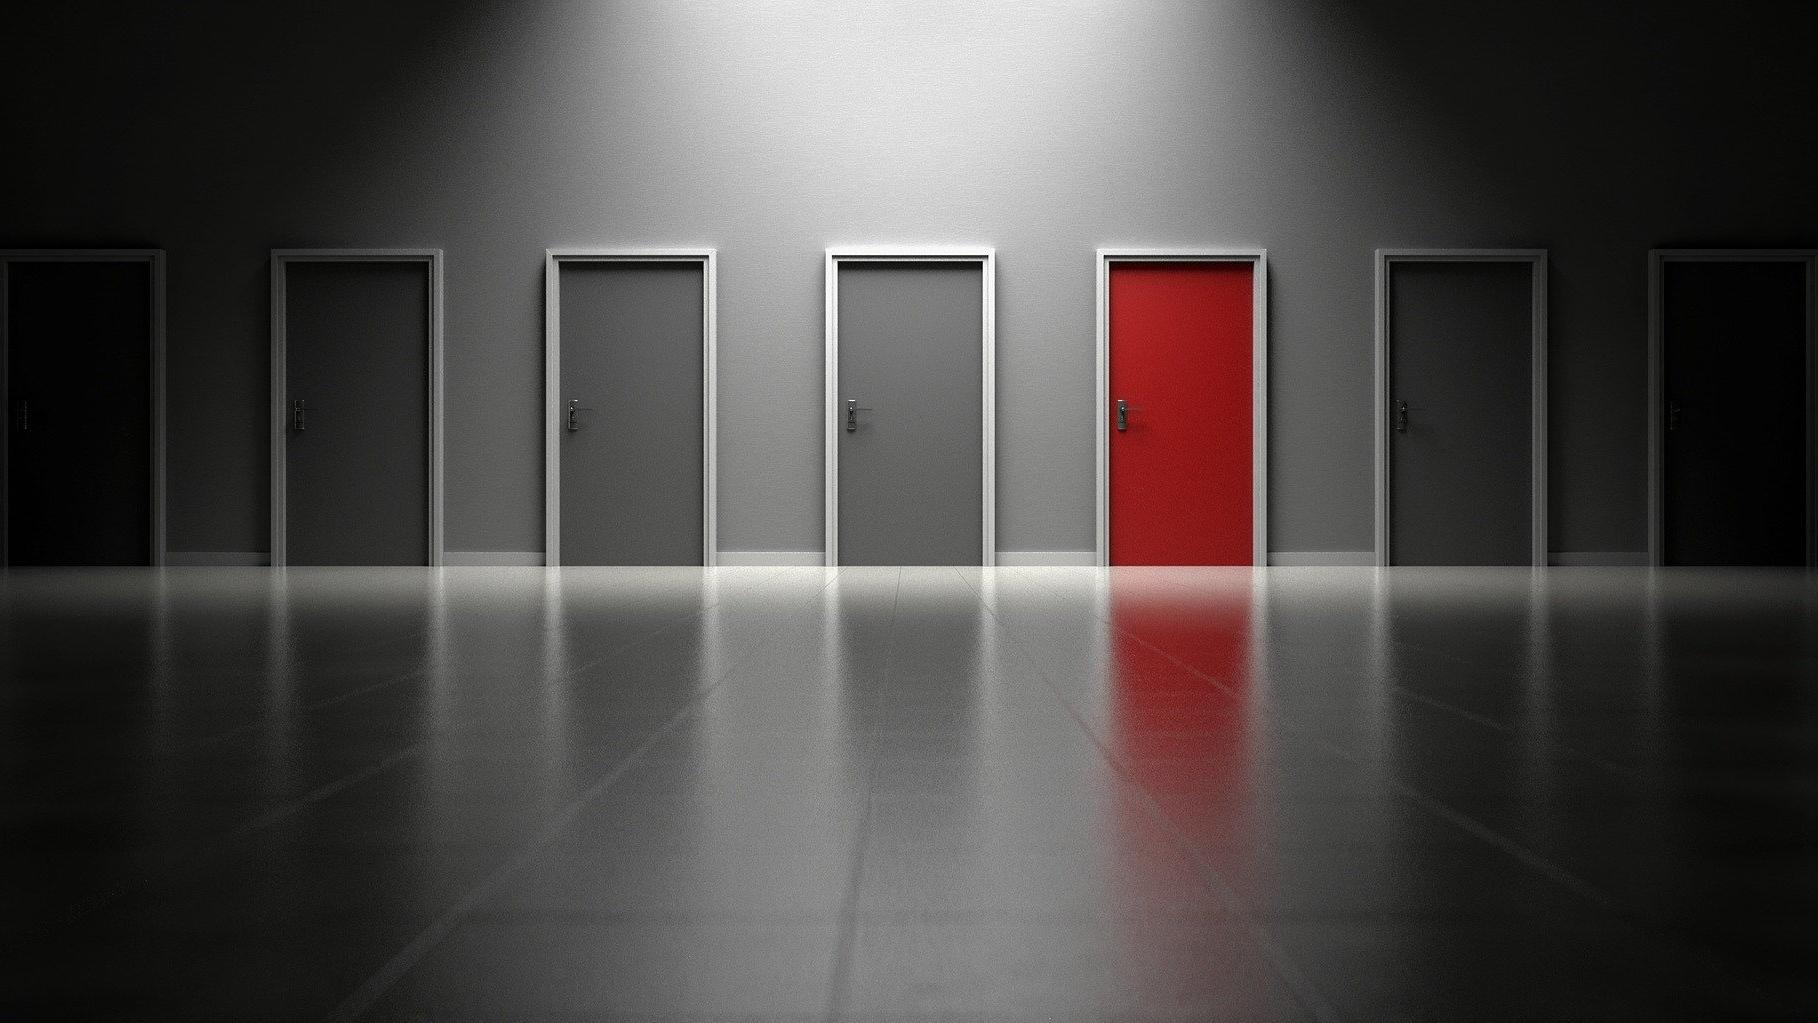 Klebereste von Türen zu entfernen funktioniert mittels verschiedener Hausmittel.